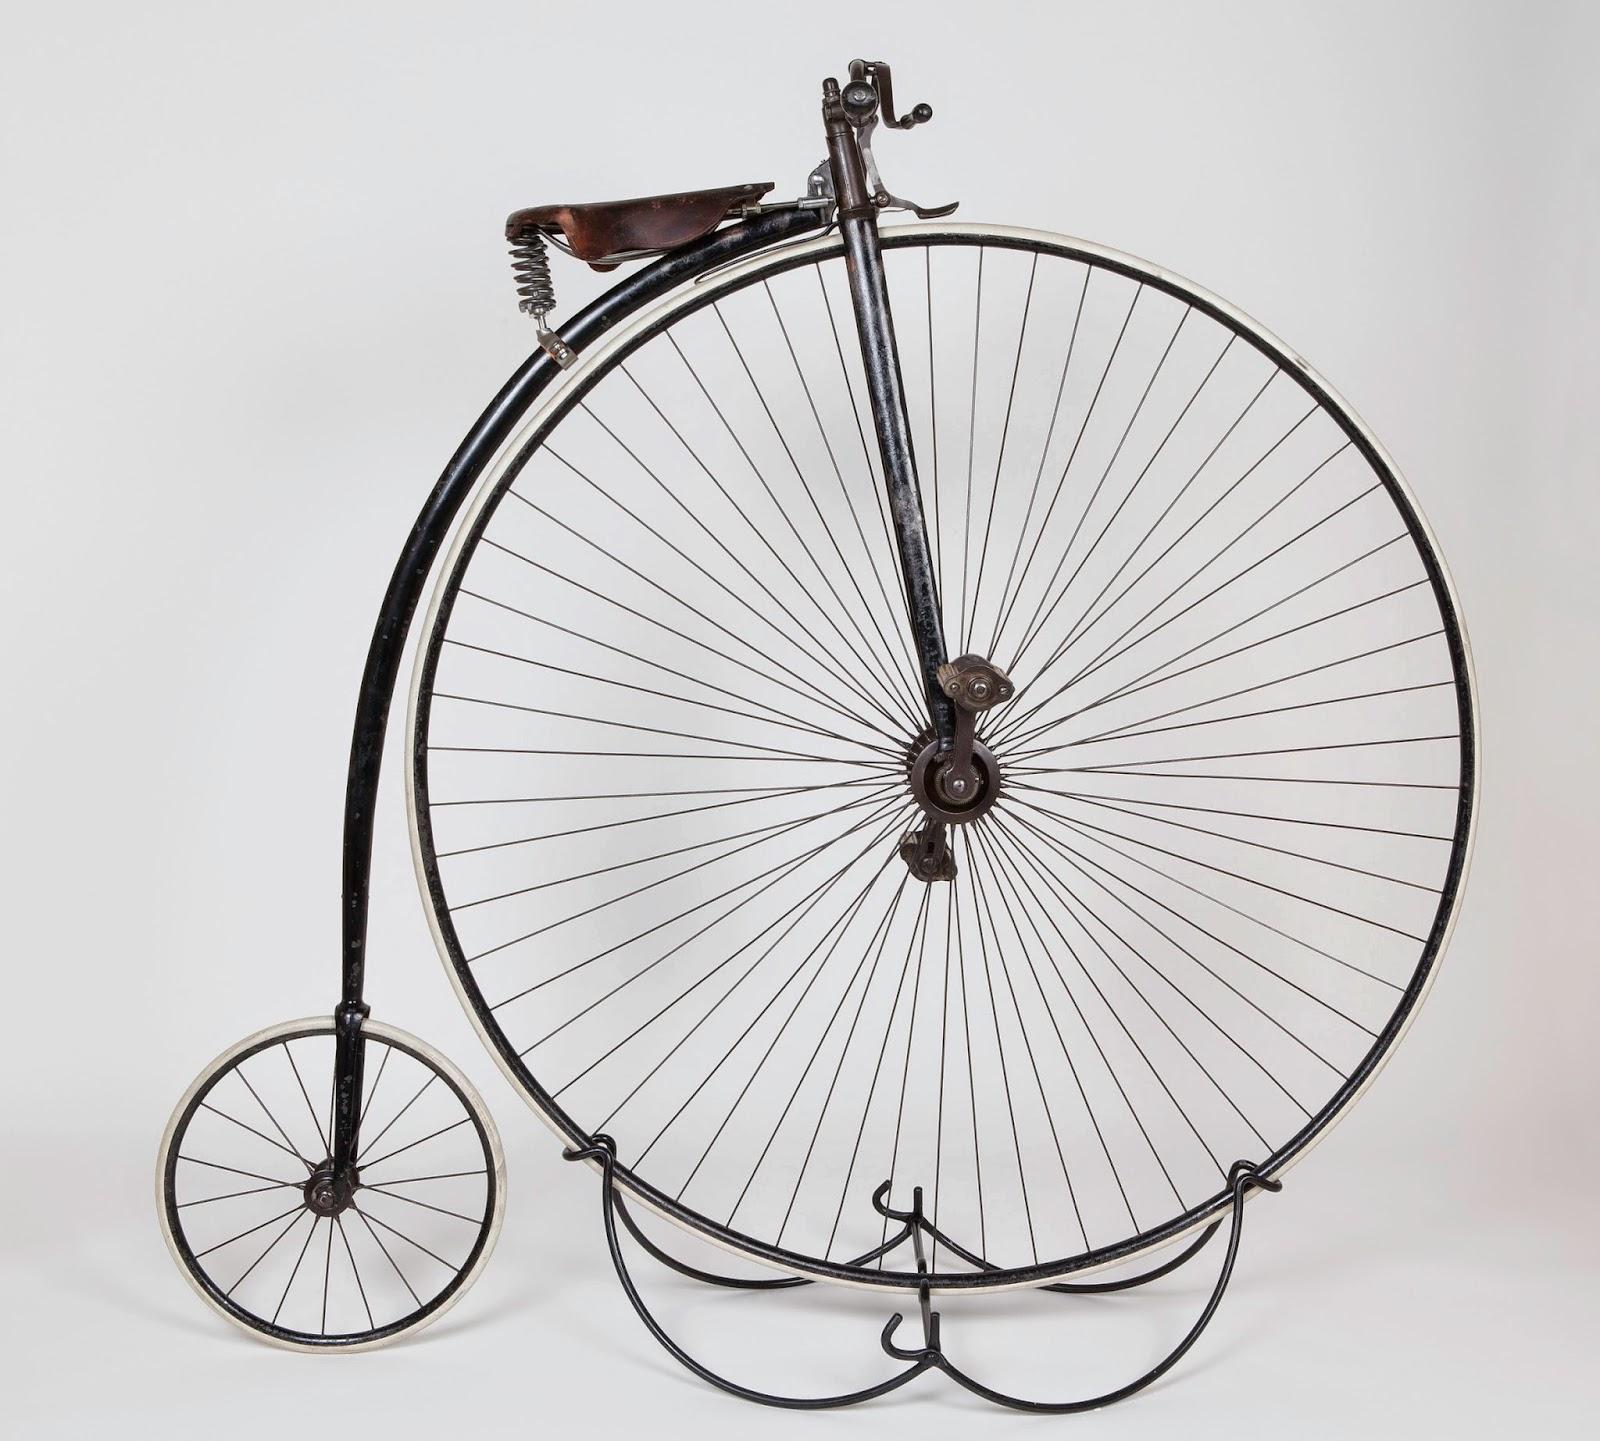 © Sammlung Deutsches Fahrradmuseum, Foto Karin Plessing